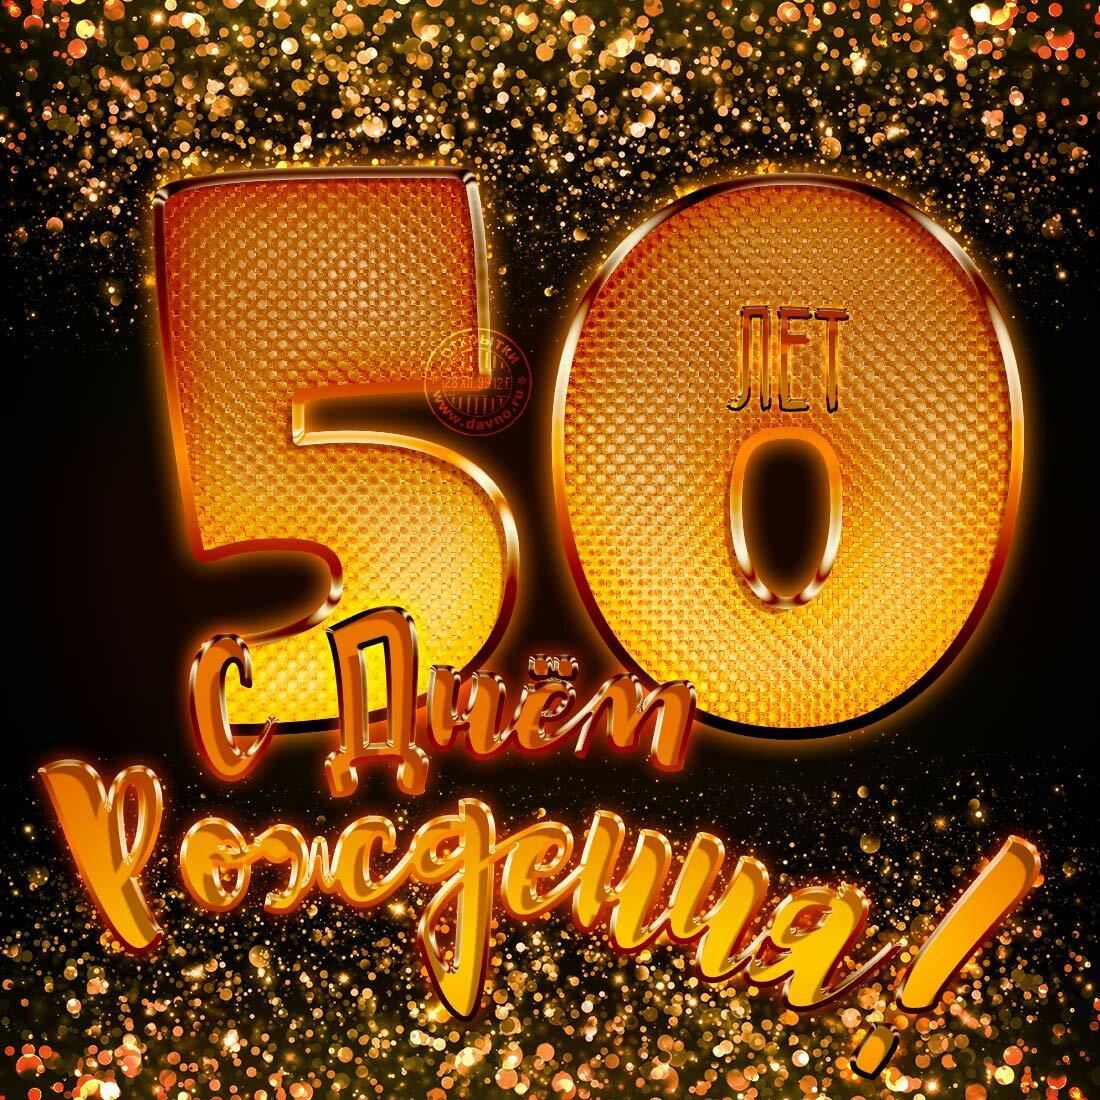 впечатлительные поздравления для мобильного на день рождение 50 лет найти правильную конструкцию